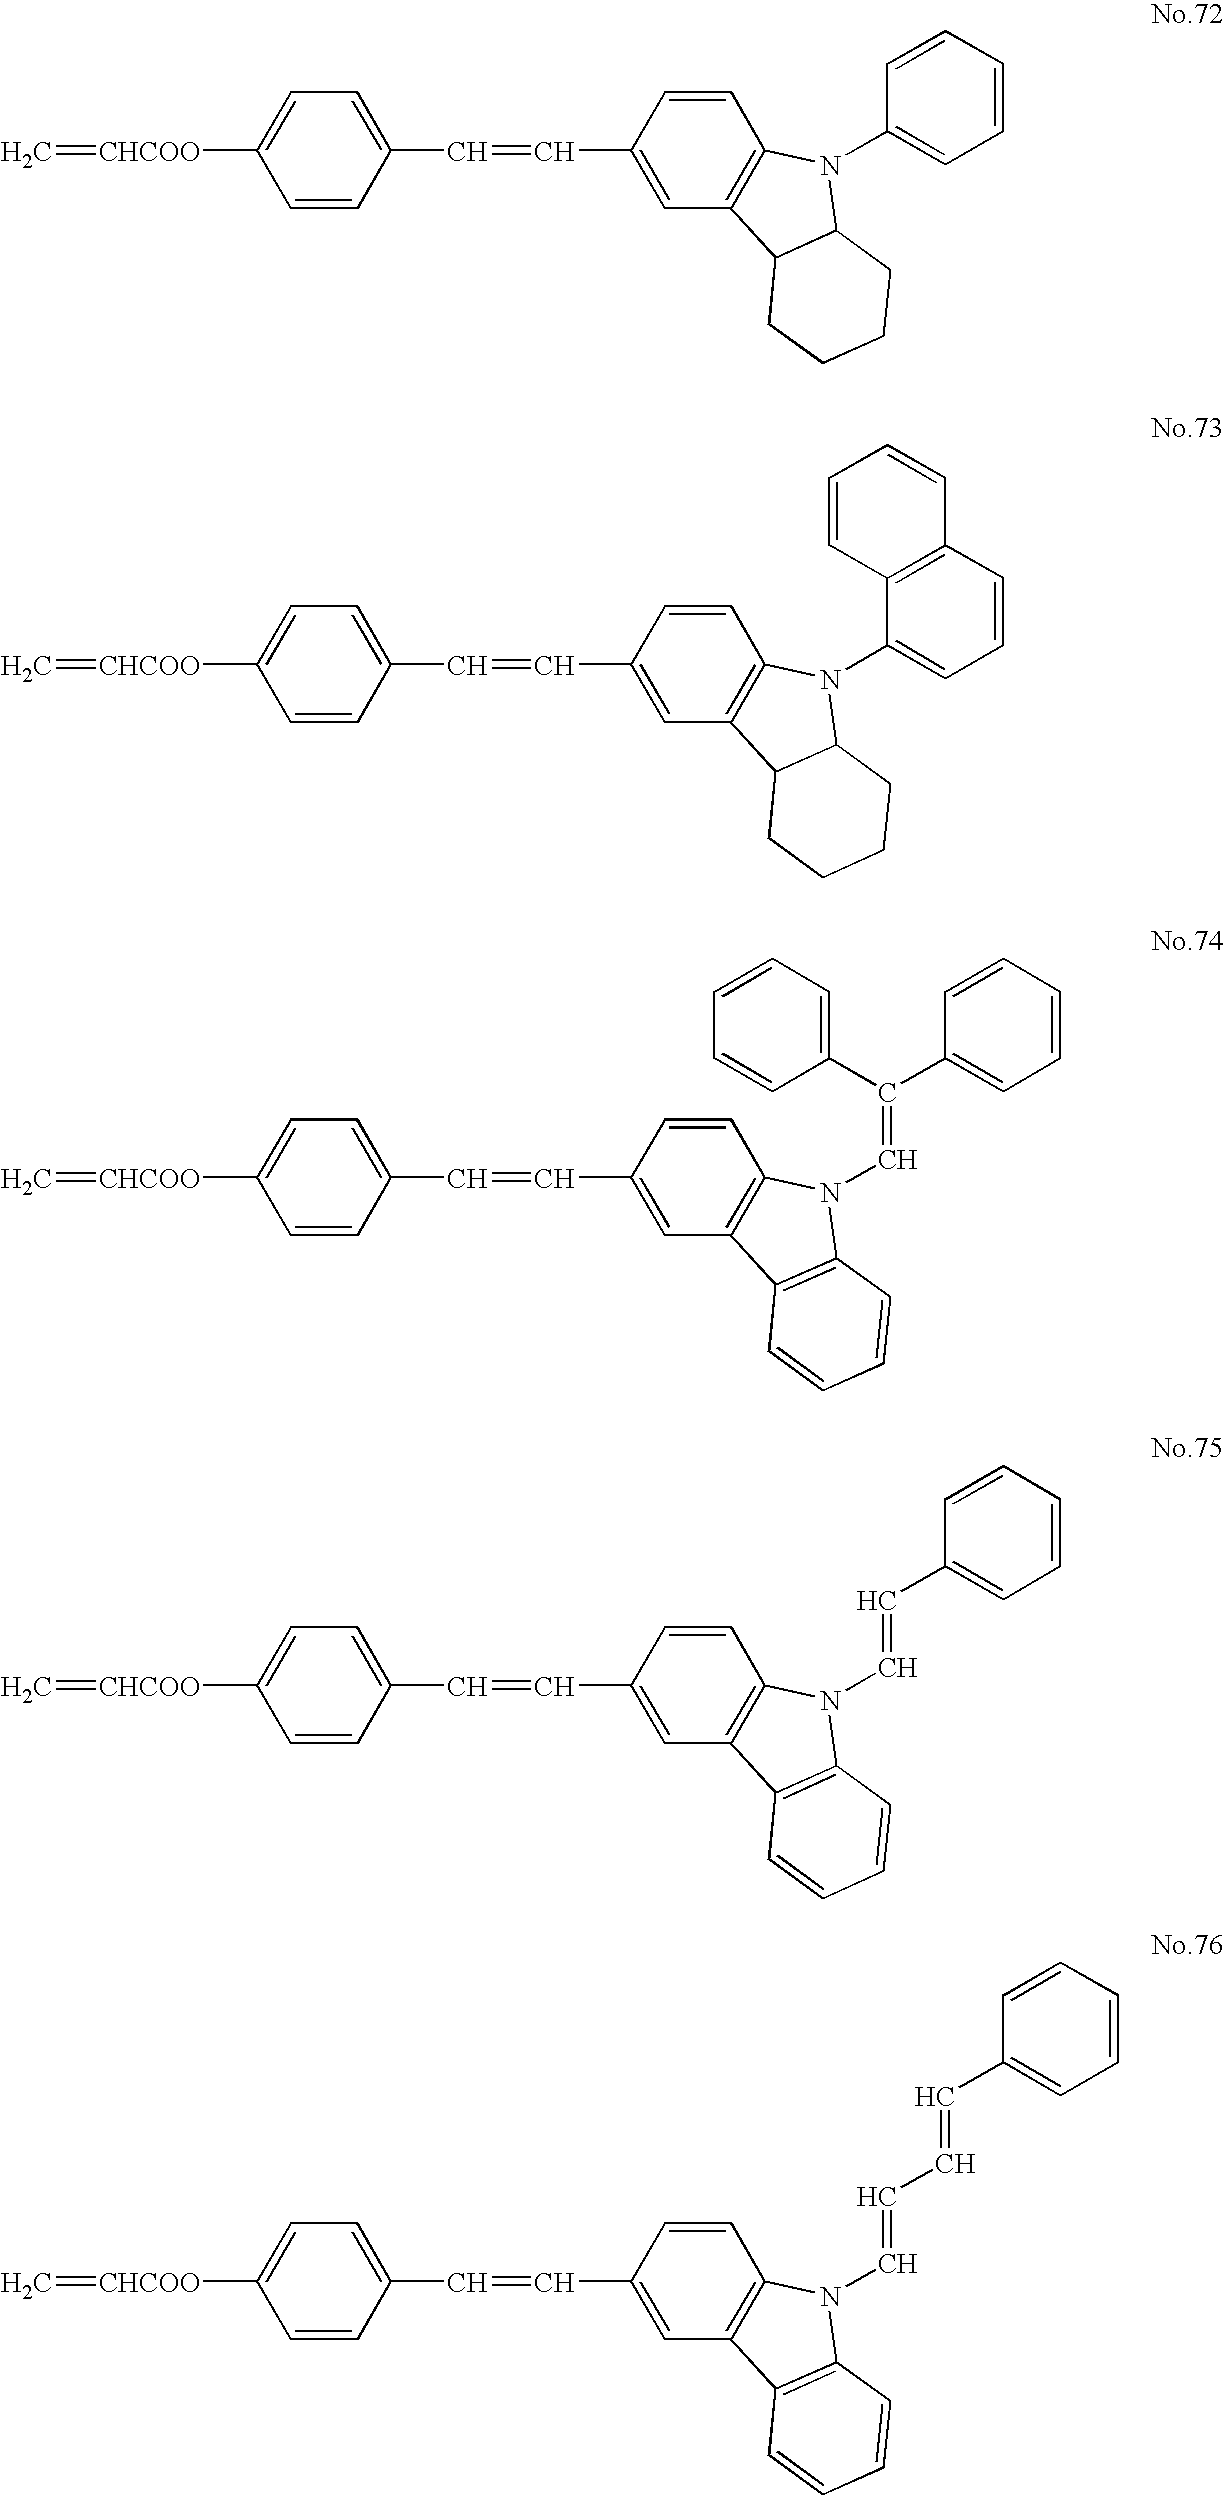 Figure US20060078809A1-20060413-C00020